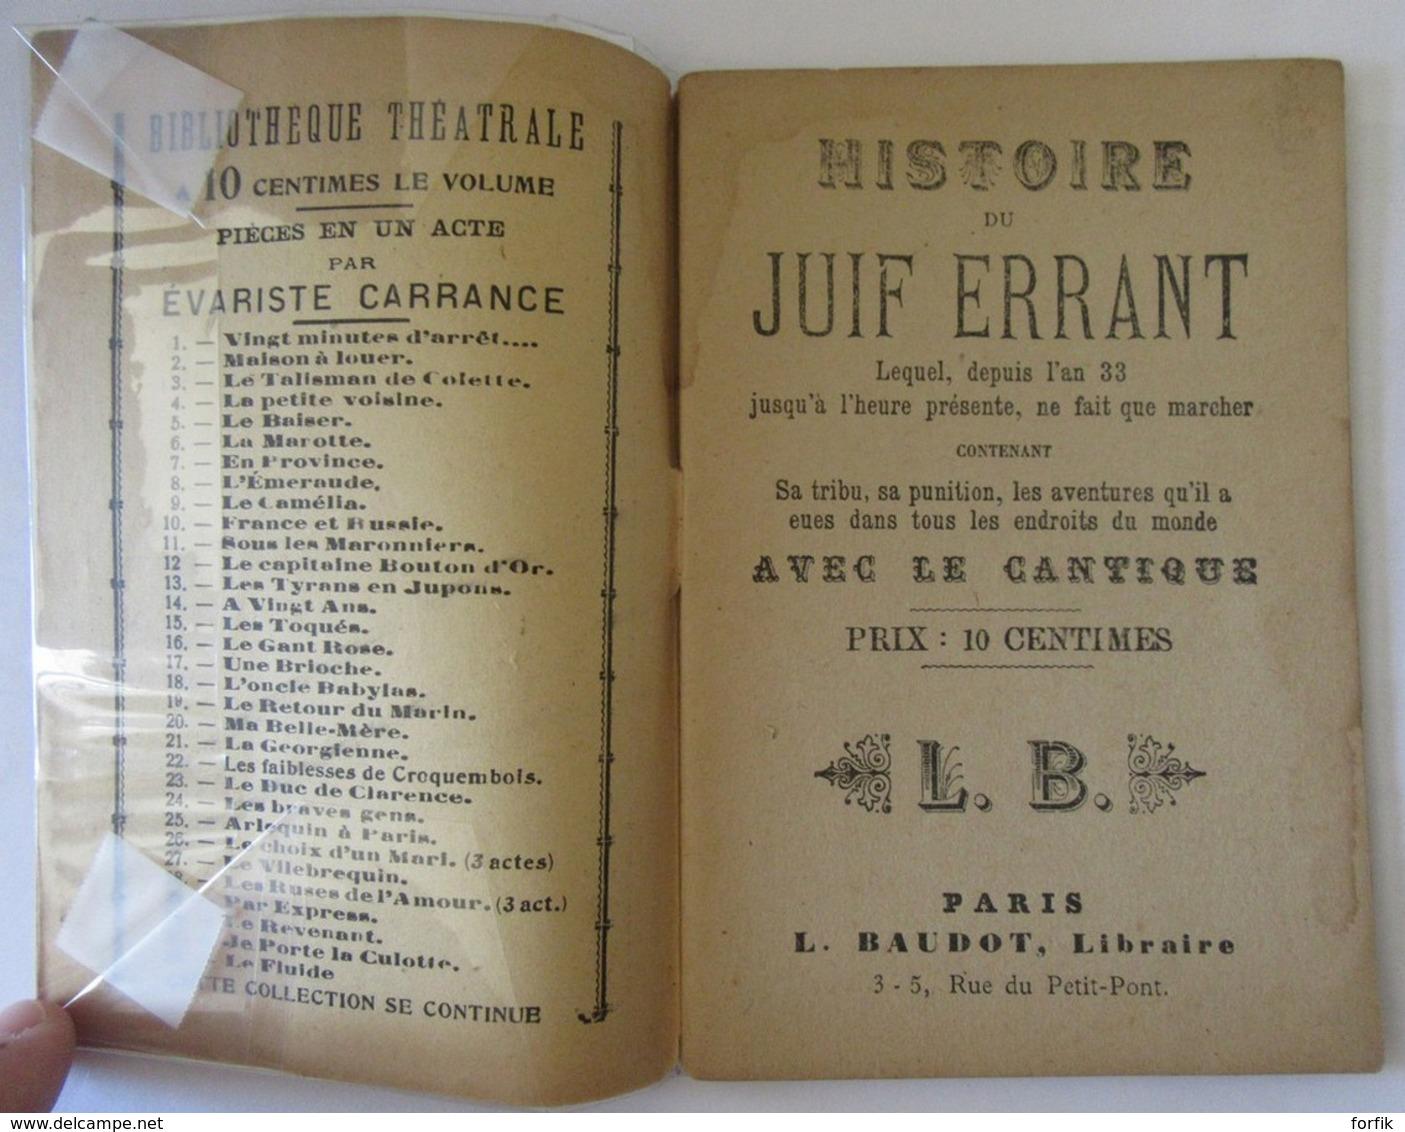 Histoire Du Juif Errant Suivi Du Cantique - L. BAUDOT Paris - Books, Magazines, Comics